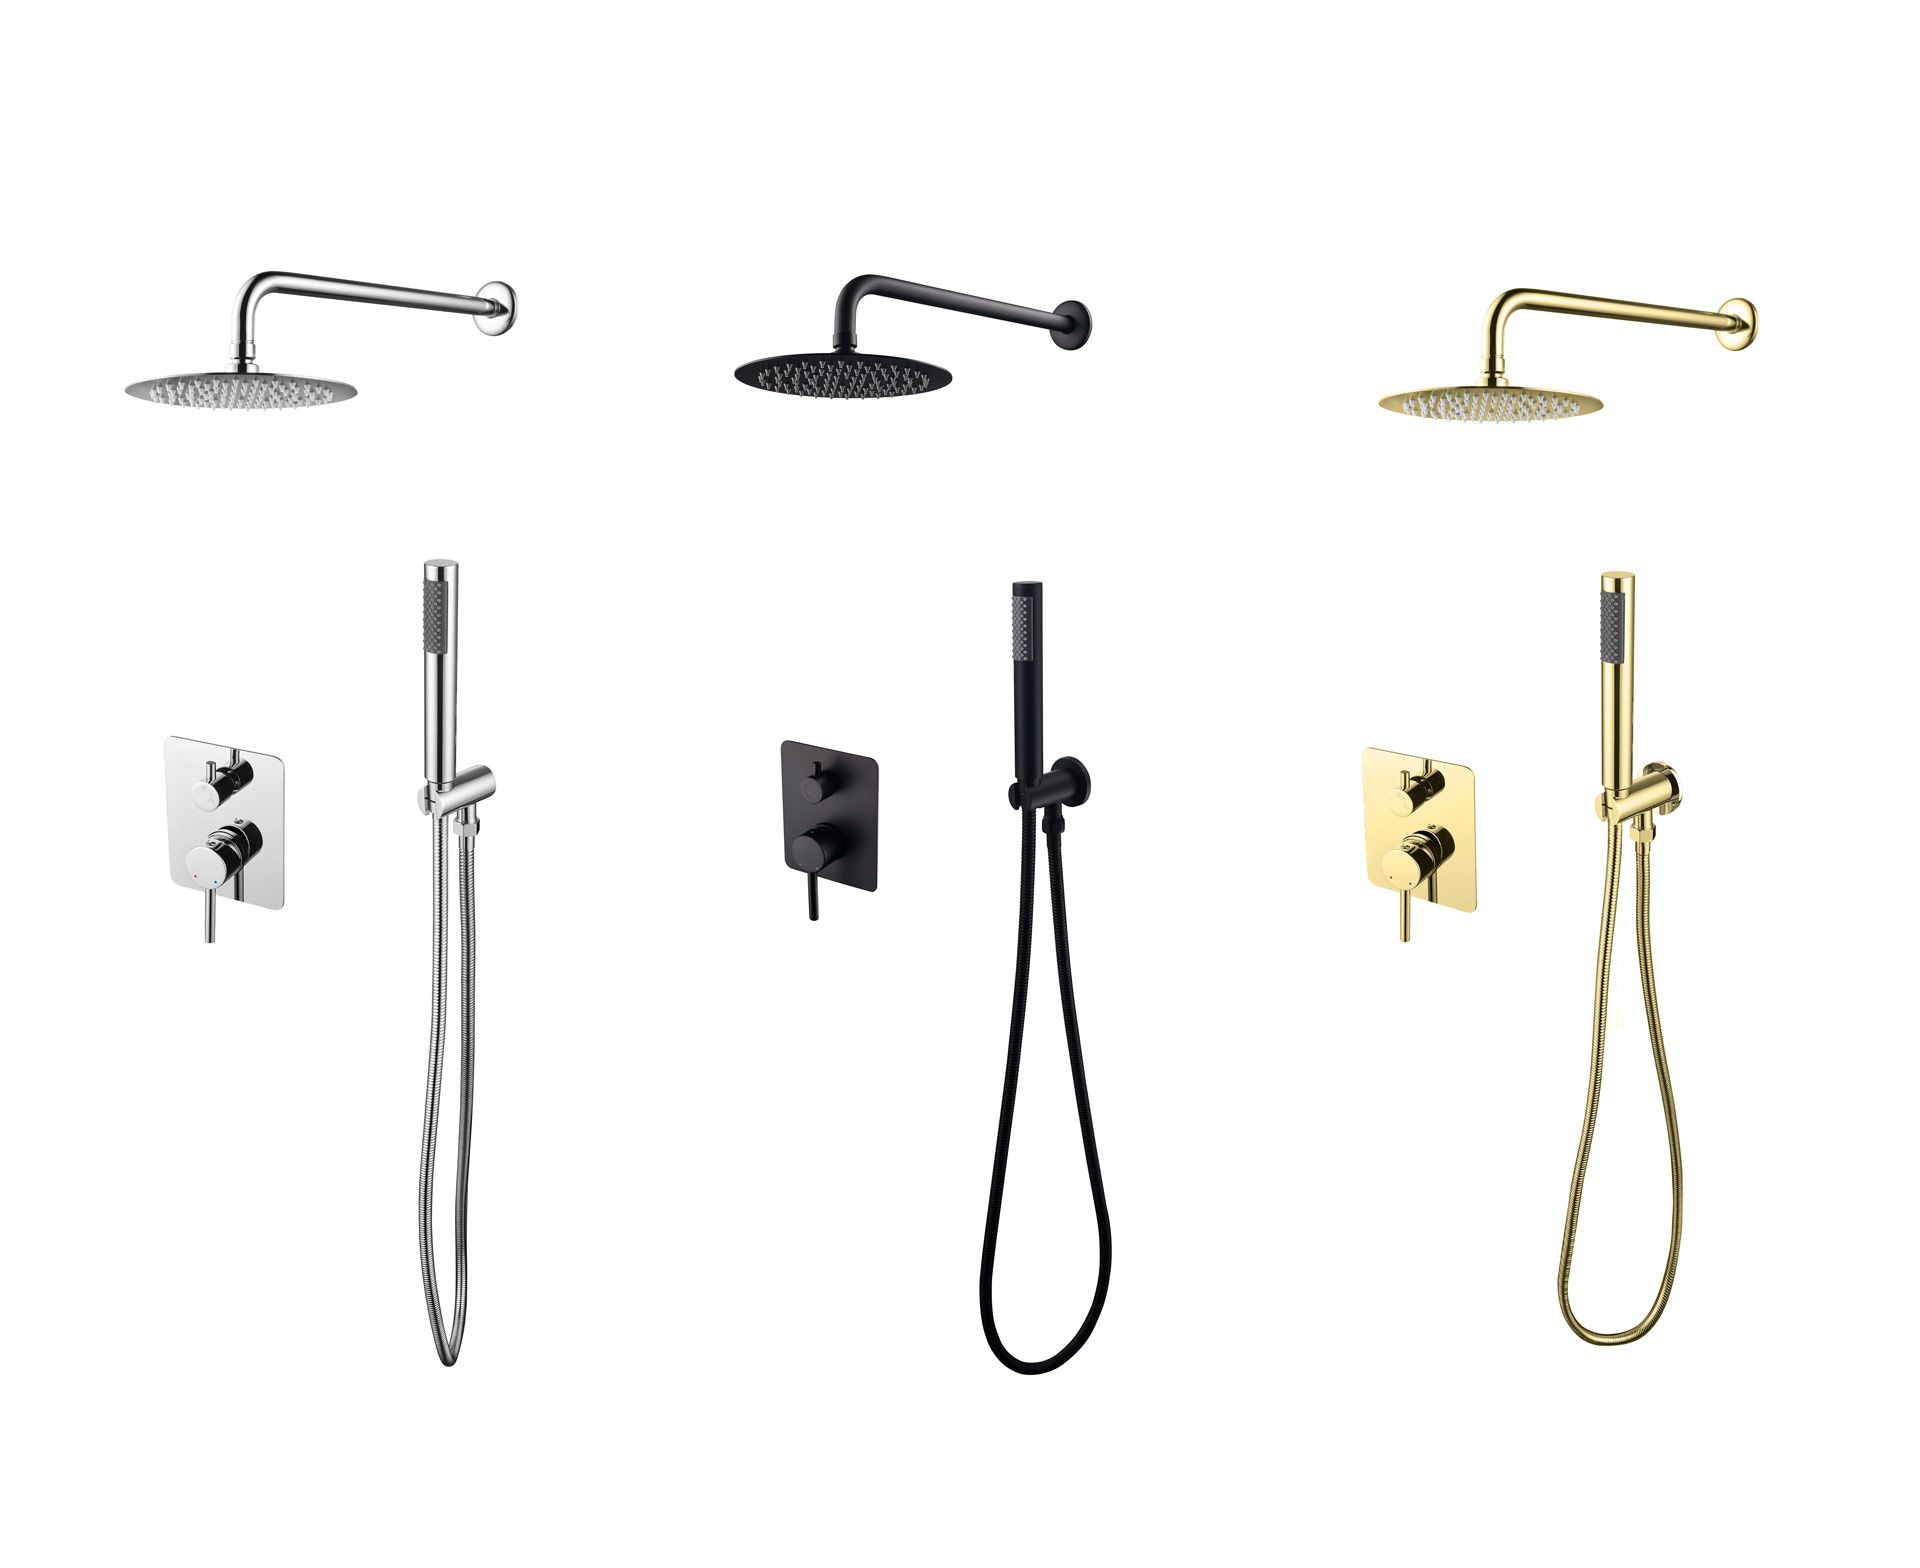 Podtynkowe zestawy prysznicowe Decco Illusion Besco (nowość 2020). Fot. Besco